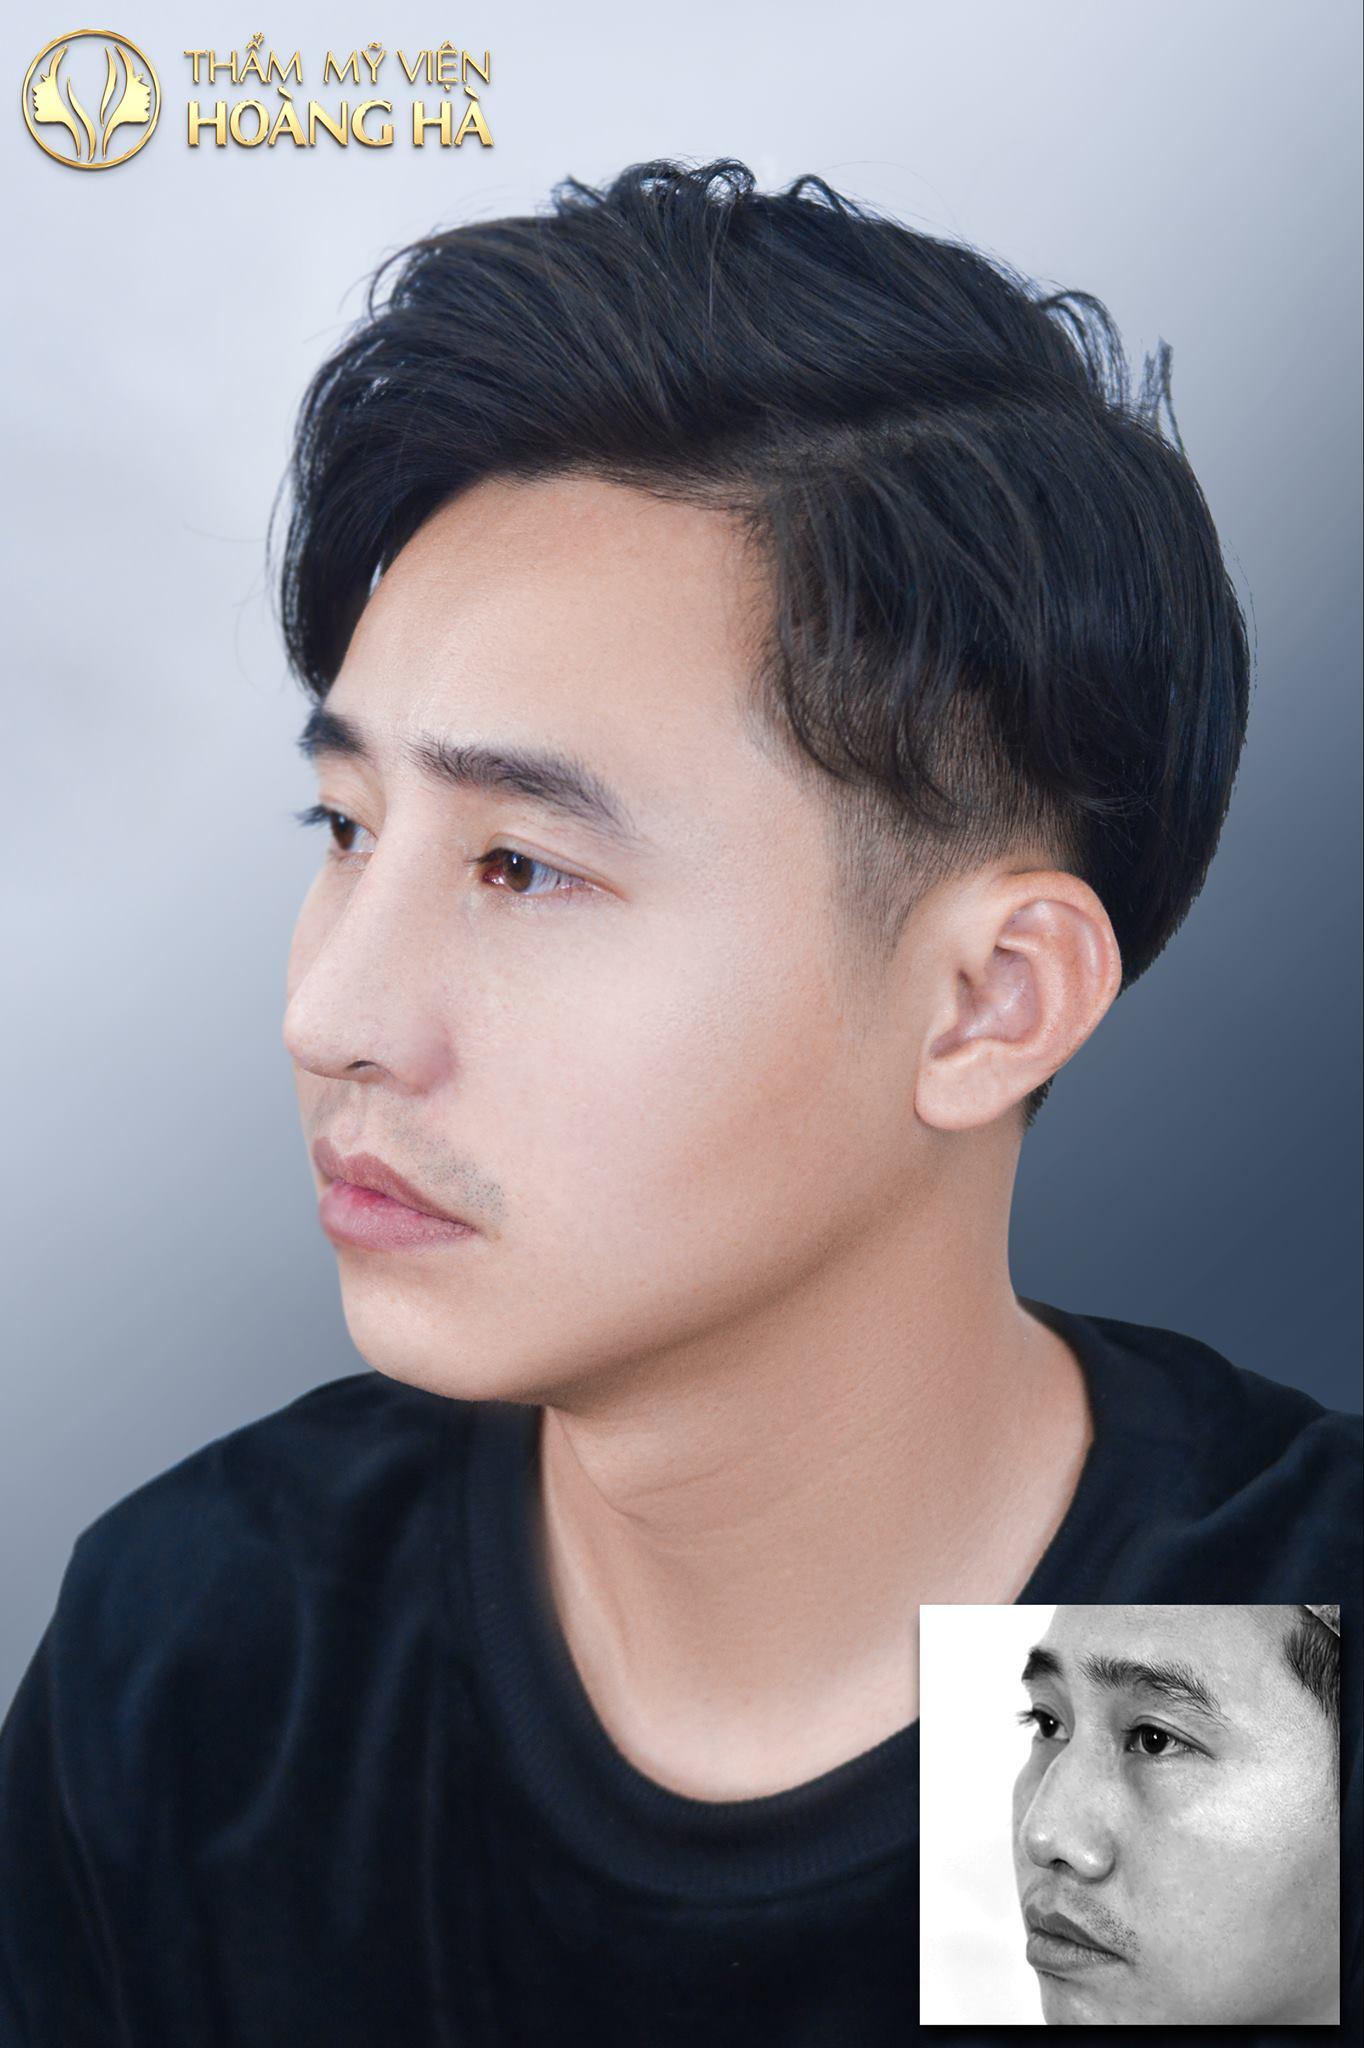 Khách hàng sau khi nâng mũi tại Dr Hoàng Hà